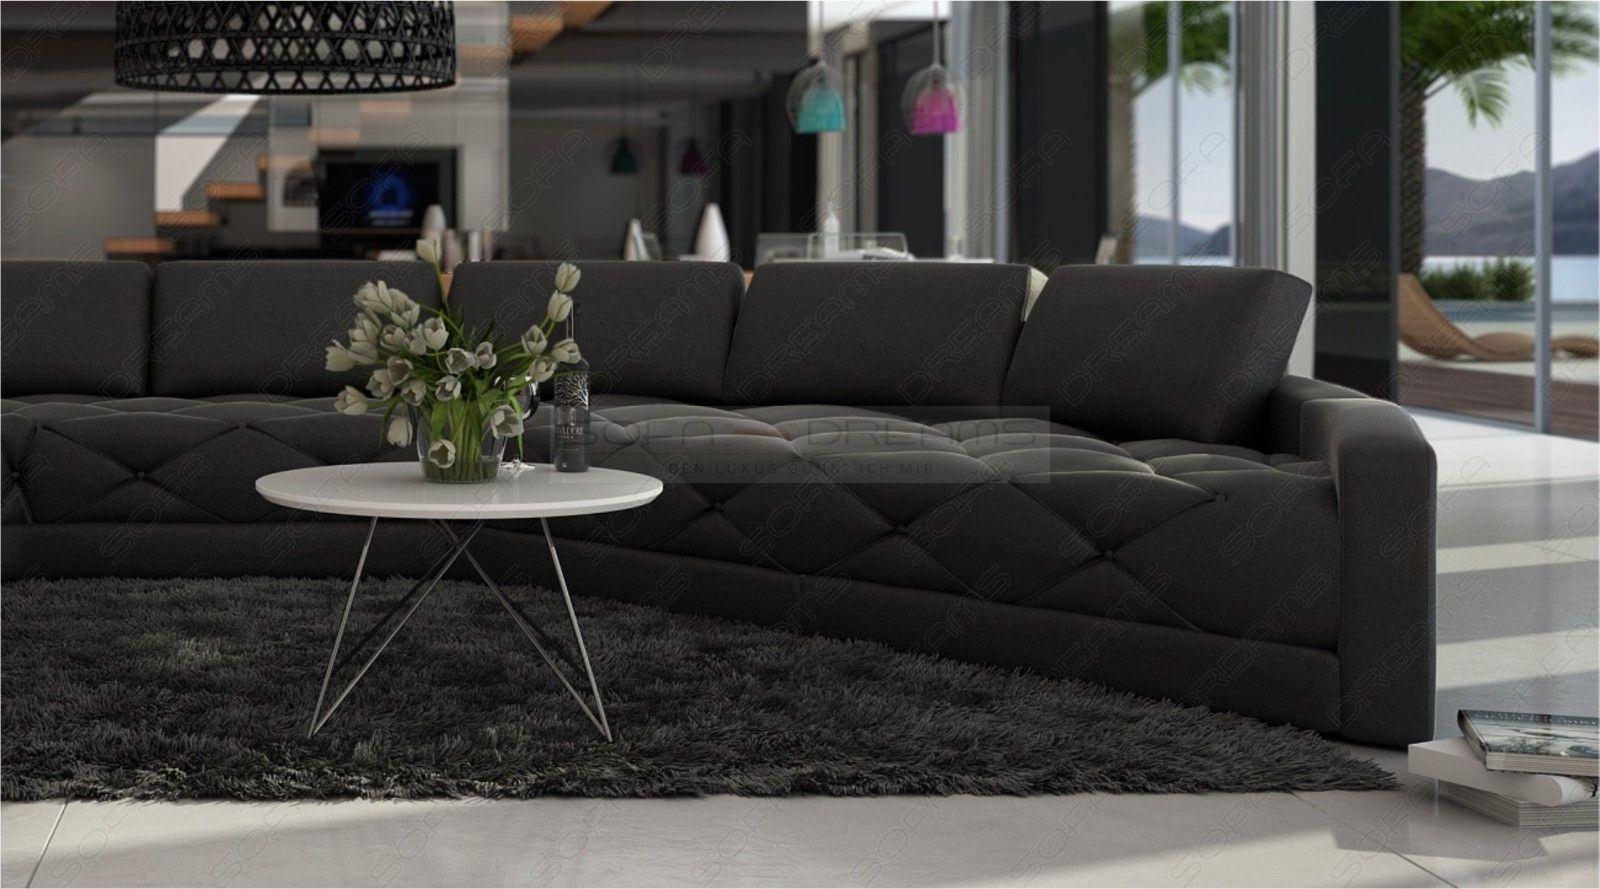 sofa wohnlandschaft secreto ledersofas u form. Black Bedroom Furniture Sets. Home Design Ideas